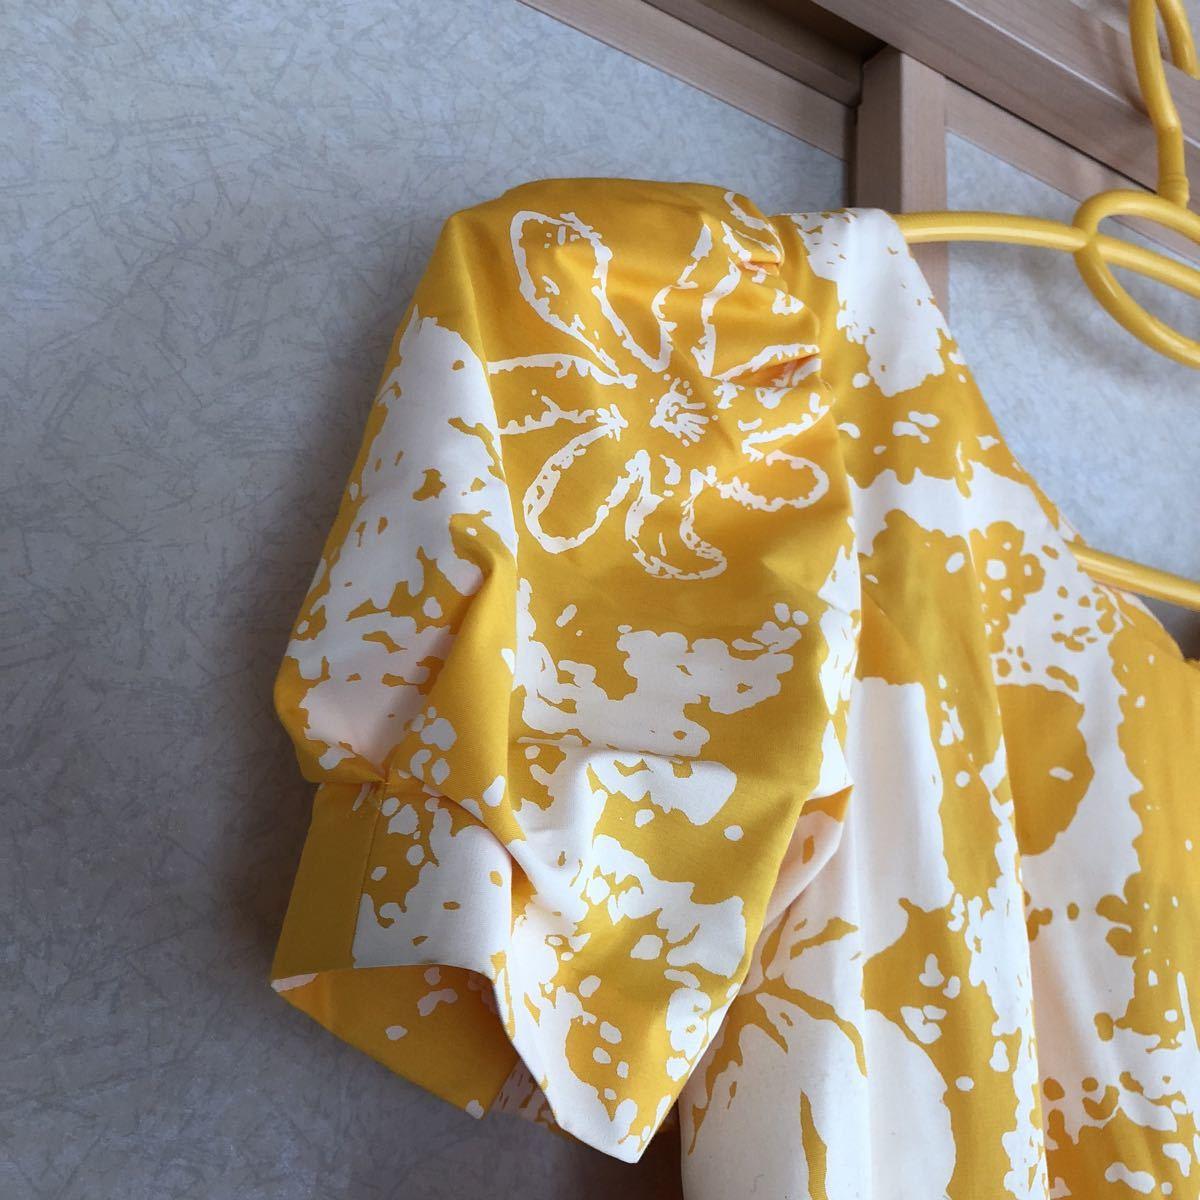 メネフネプランテーション フラ ハワイアン ダンス アロハ ワンピース ドレス 美品 黄色 フレア_画像3